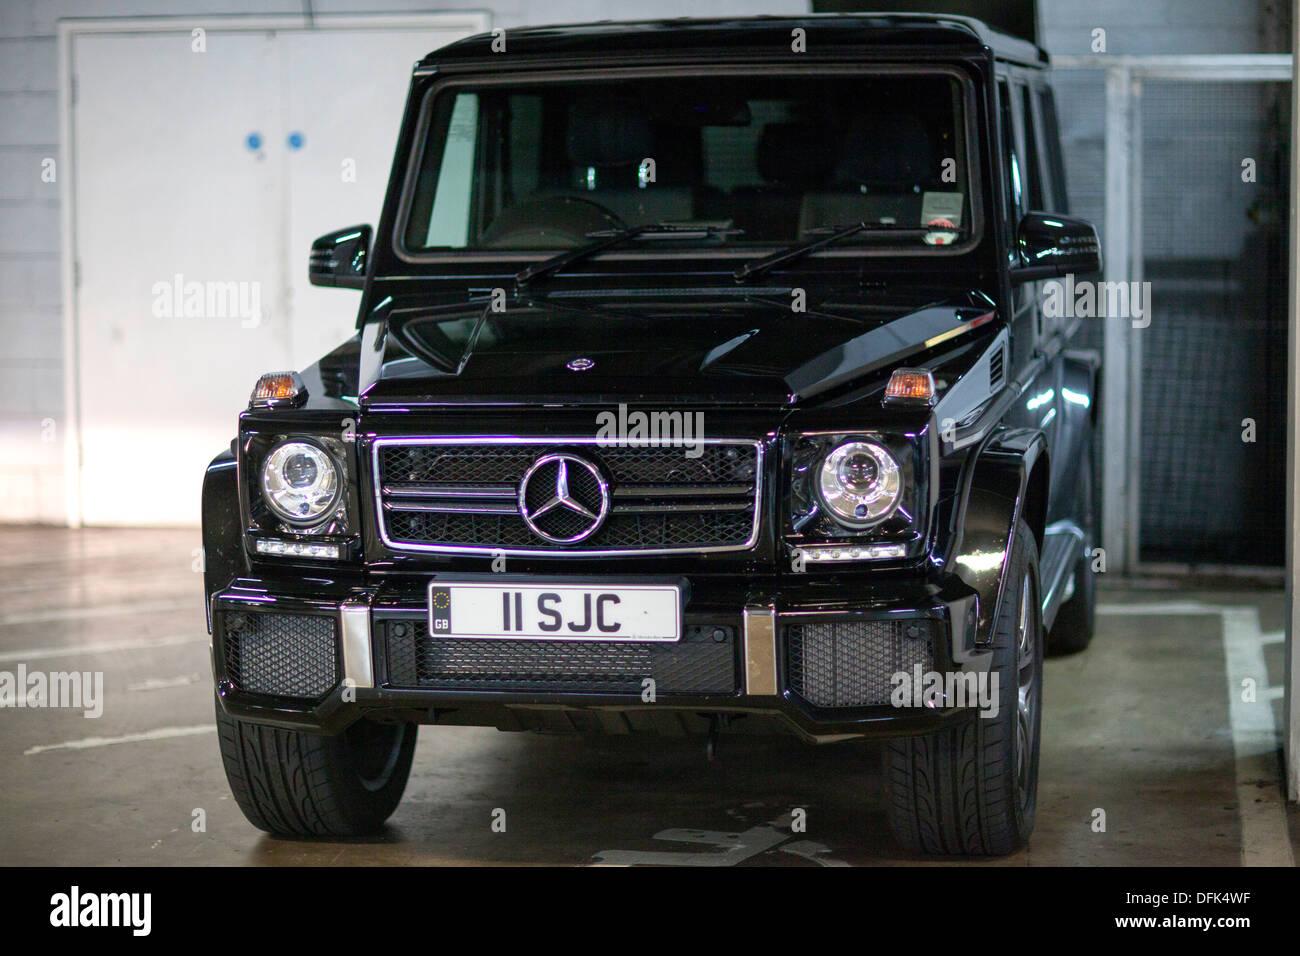 A Black Mercedes Benz G Class G Wagen Four Wheel Drive